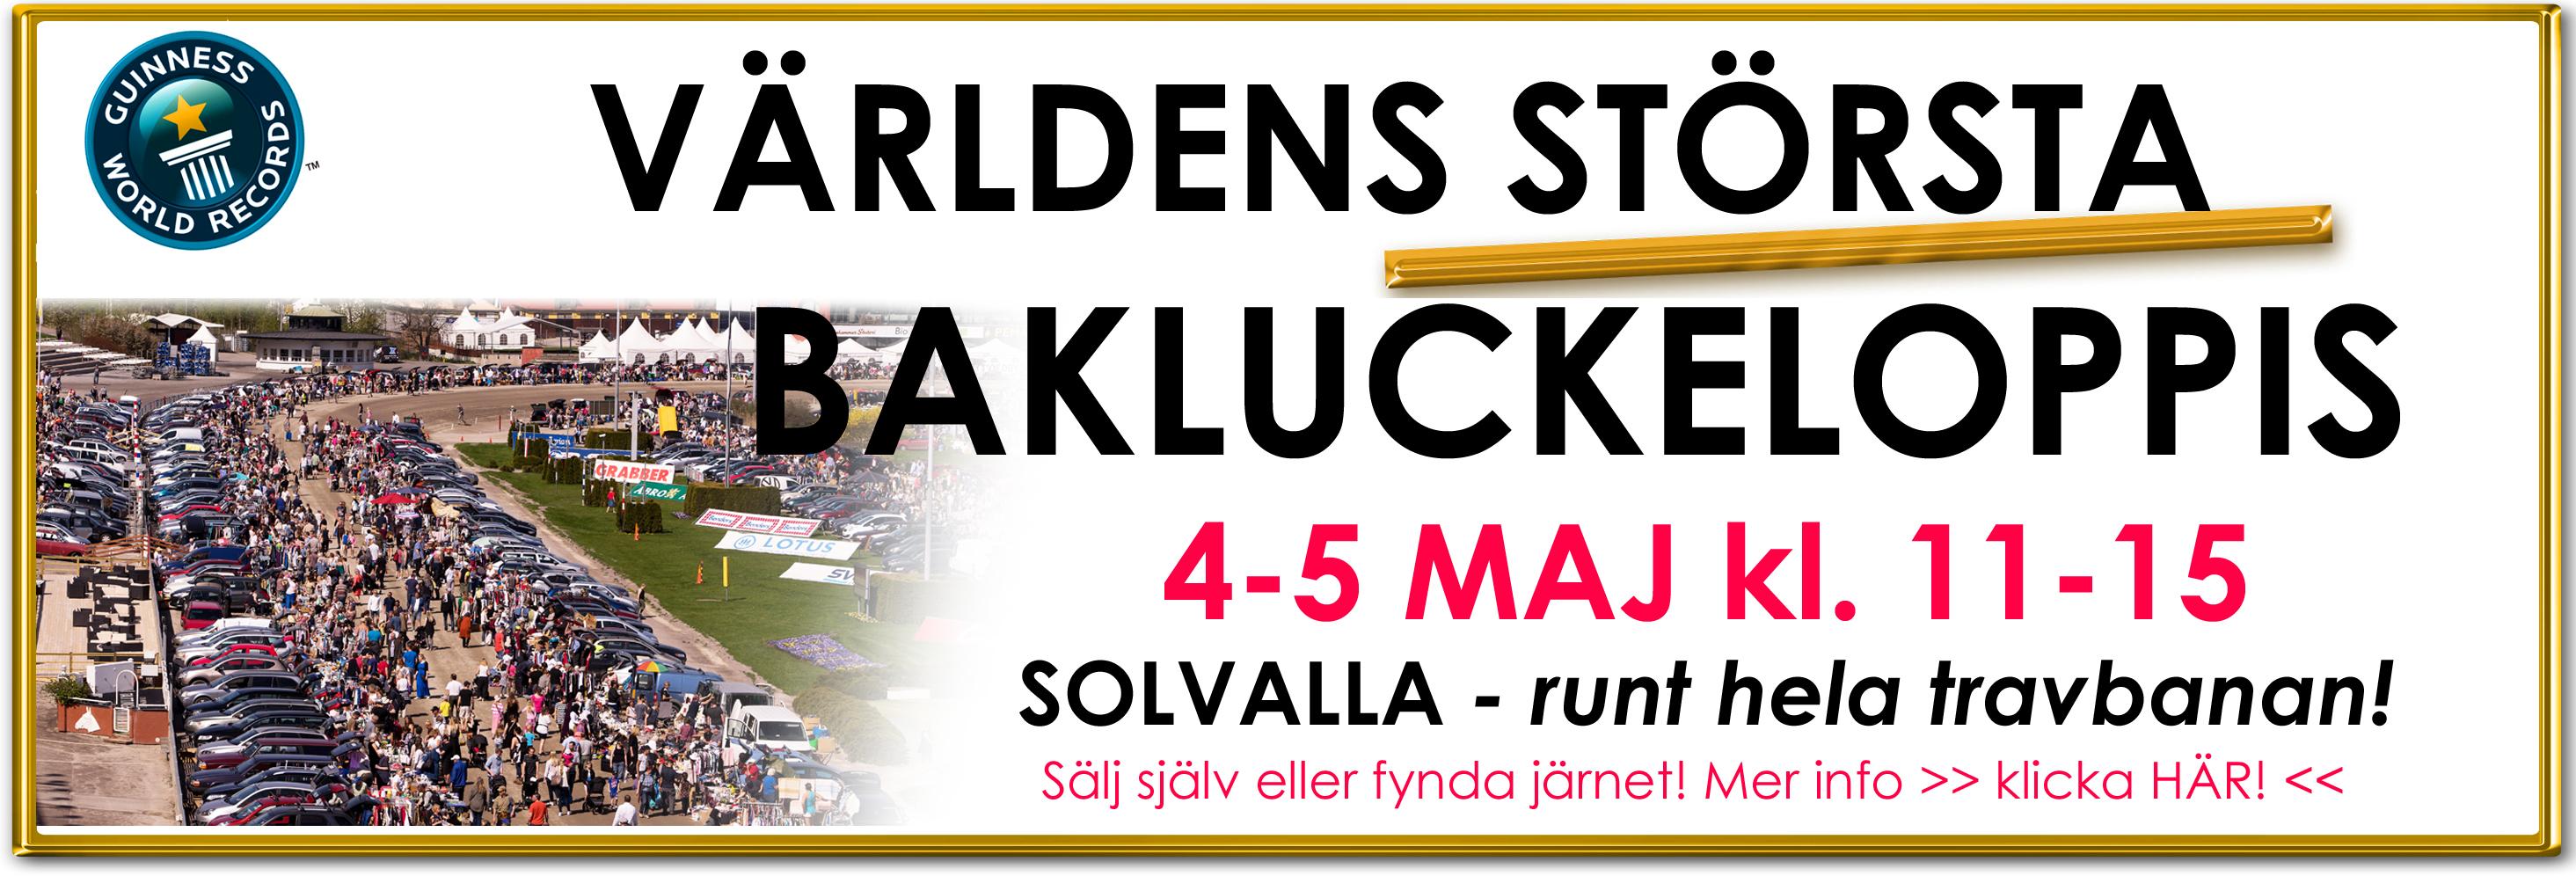 Bakluckeloppis På Solvalla Sälj Och Fynda På Västra Stockholms